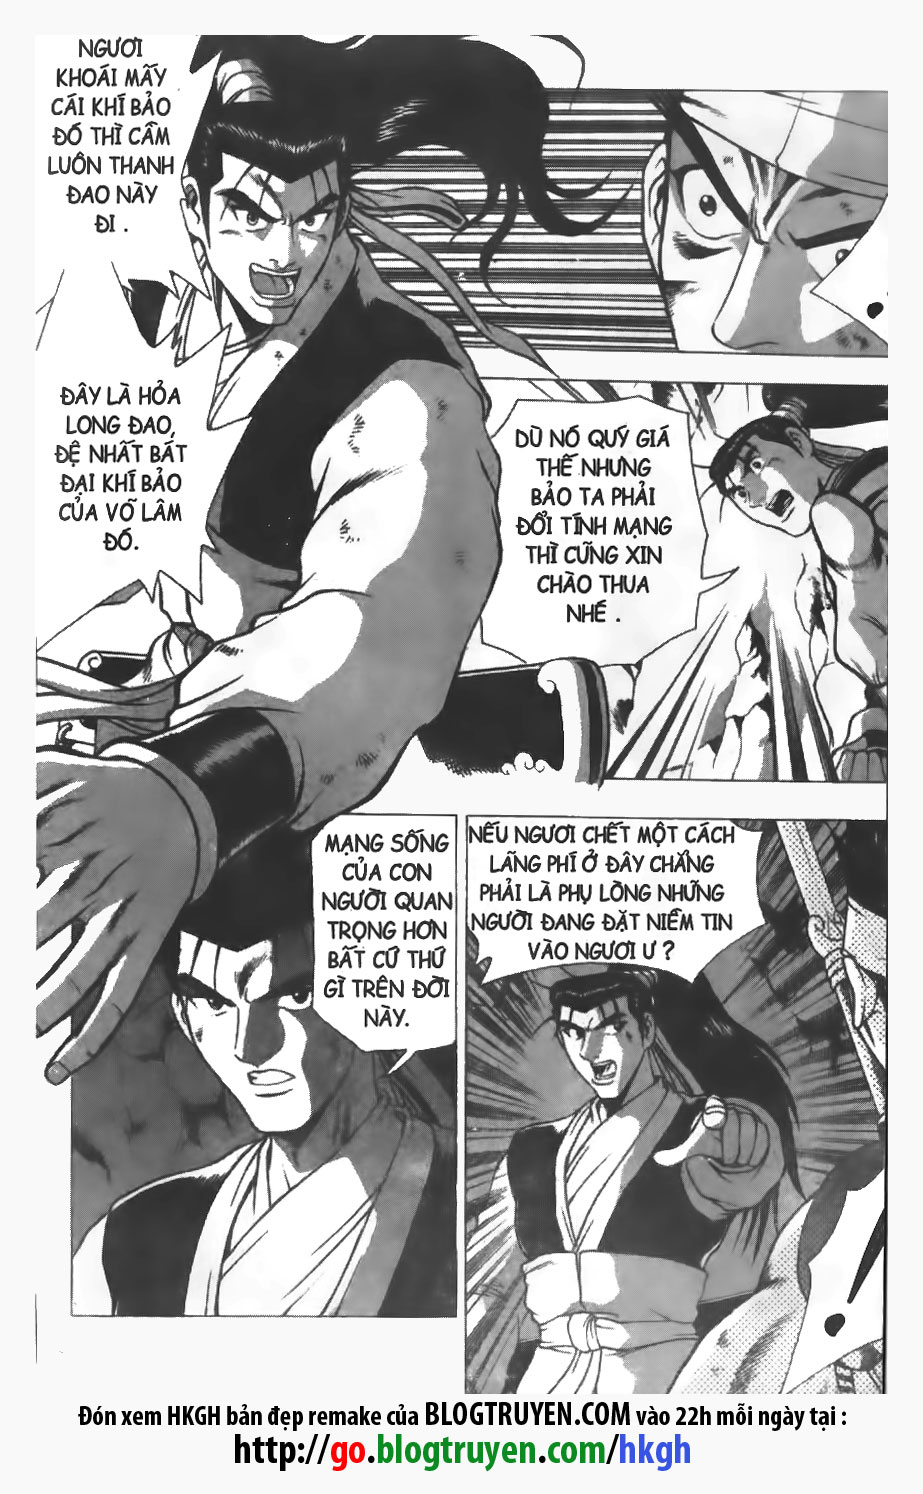 xem truyen moi - Hiệp Khách Giang Hồ Vol19 - Chap 126 - Remake